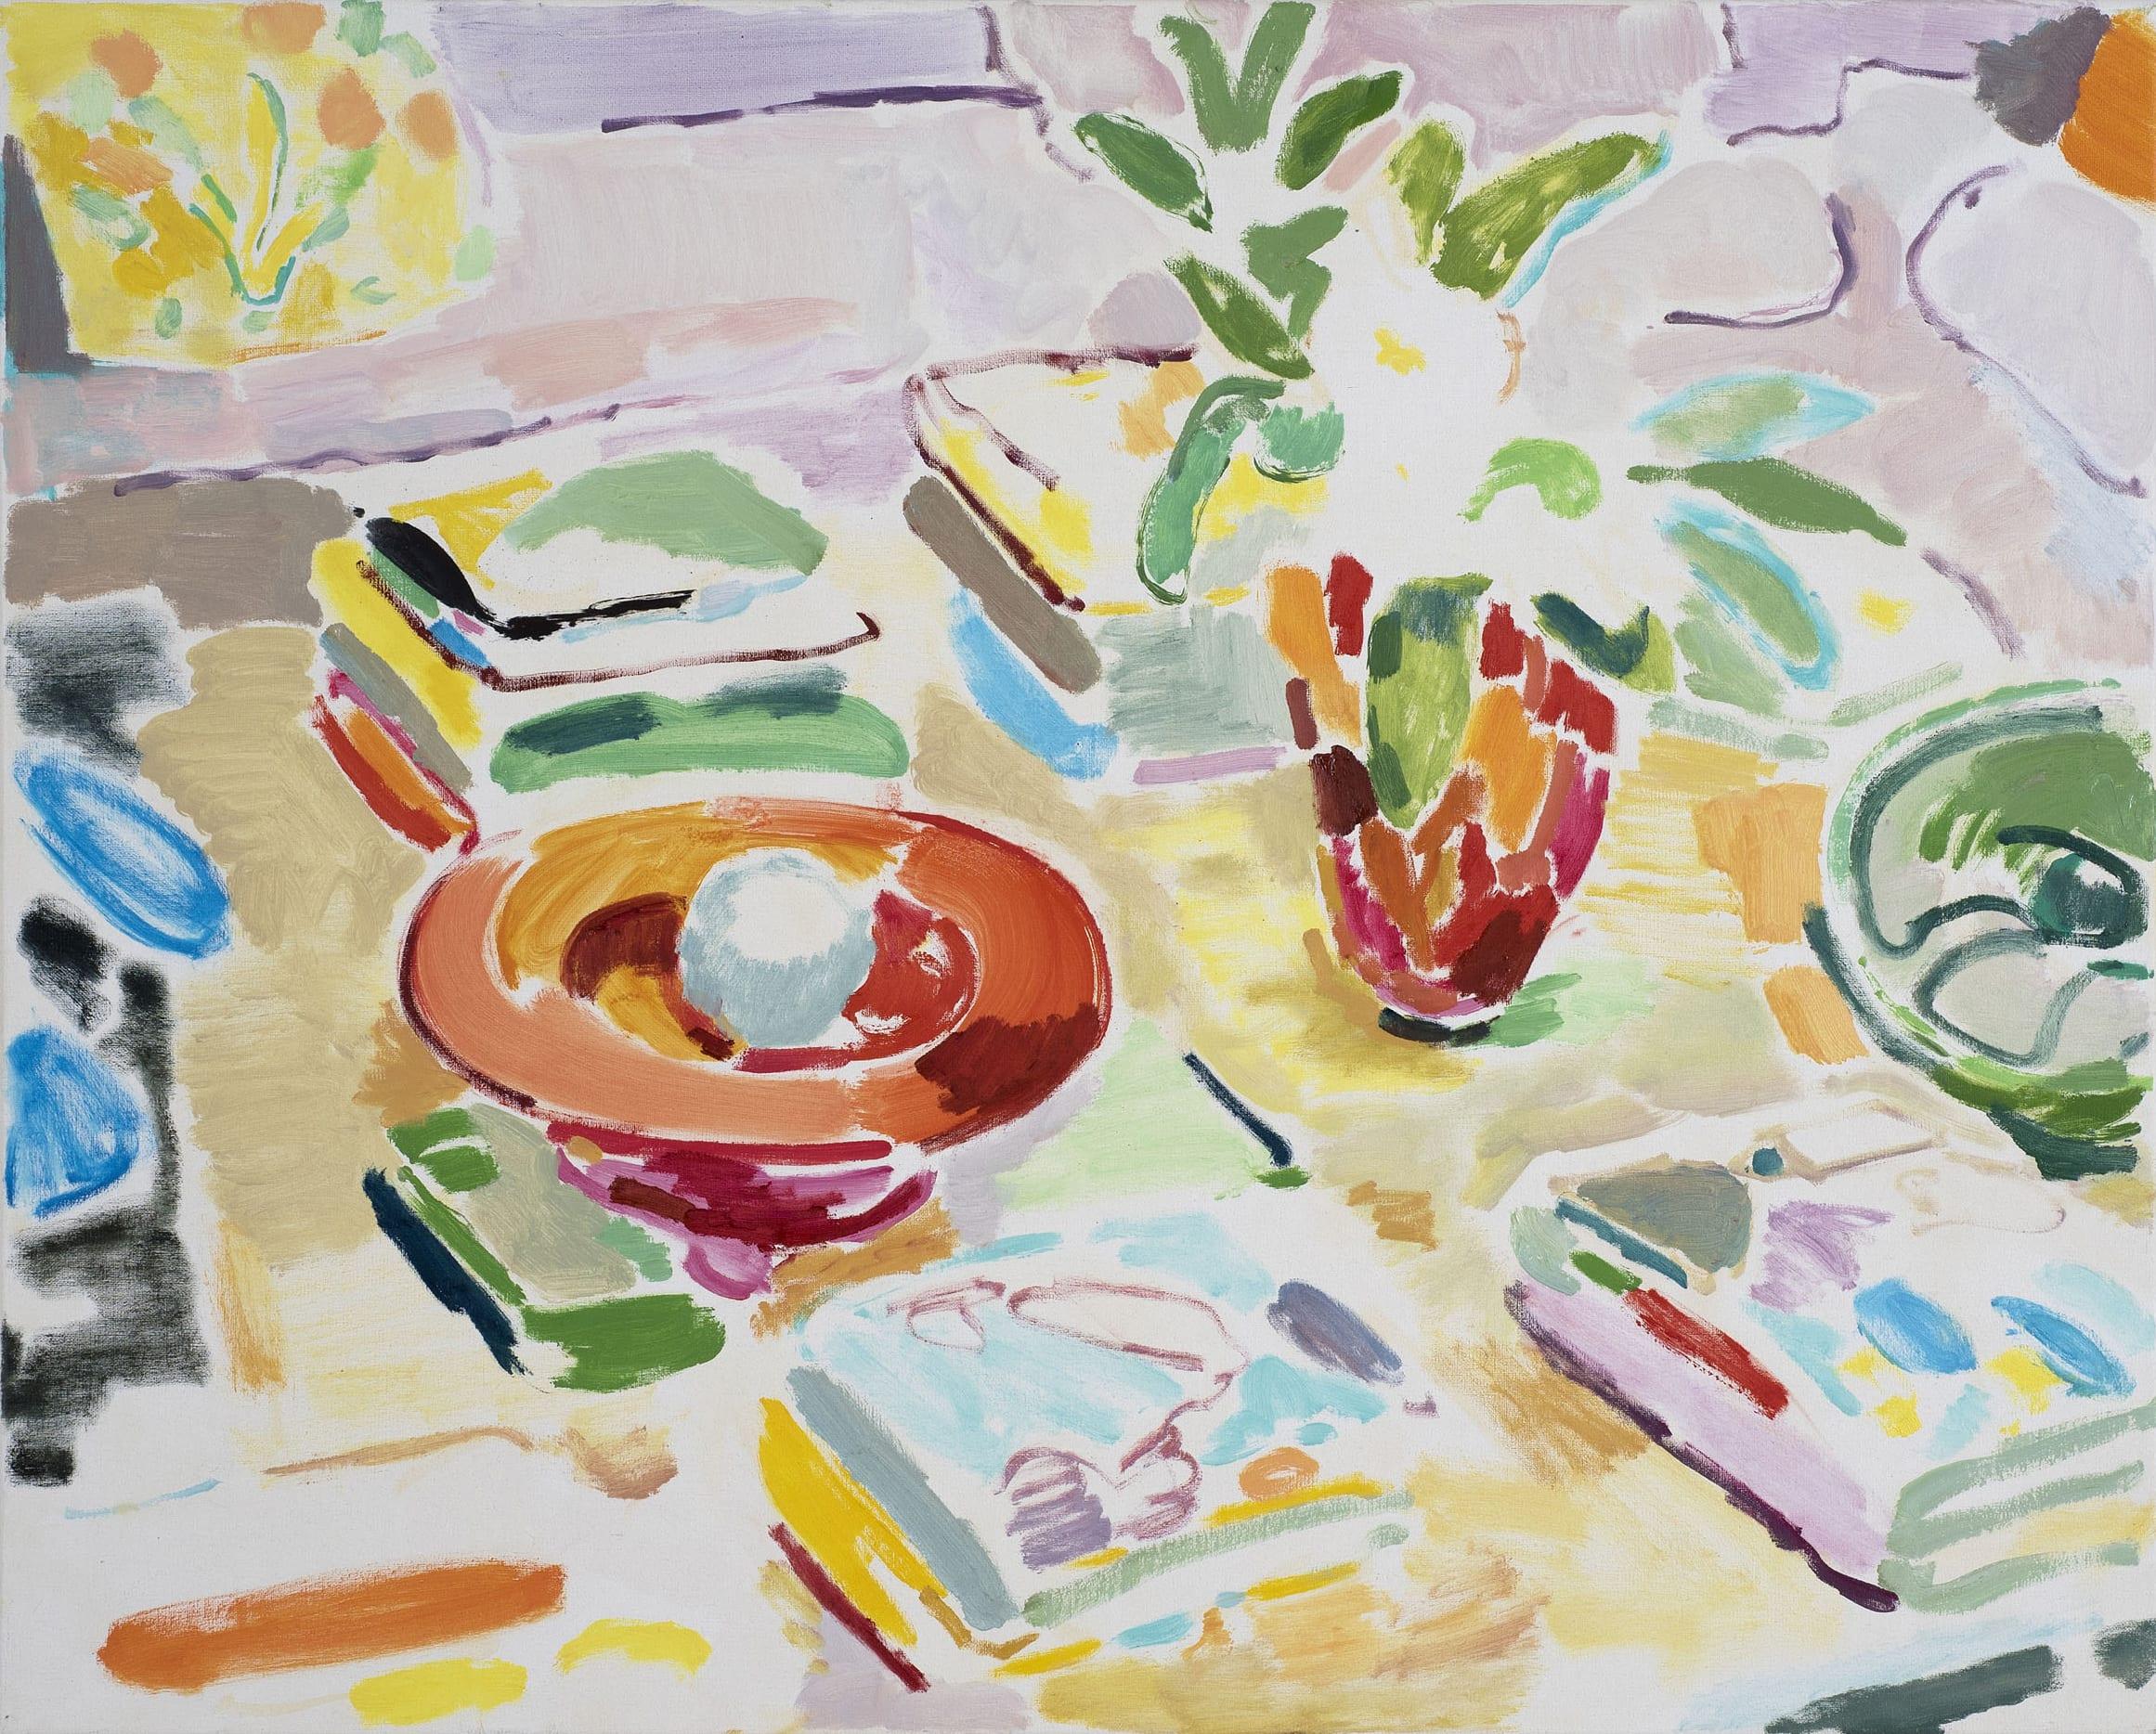 """<span class=""""link fancybox-details-link""""><a href=""""/exhibitions/21/works/artworks1060/"""">View Detail Page</a></span><div class=""""artist""""><strong>Tim Braden</strong></div><div class=""""title""""><em>Powis Terrace (catalogues)</em>, 2019</div><div class=""""medium"""">OIl on canvas</div><div class=""""dimensions"""">61x76cm (24x30"""")</div>"""